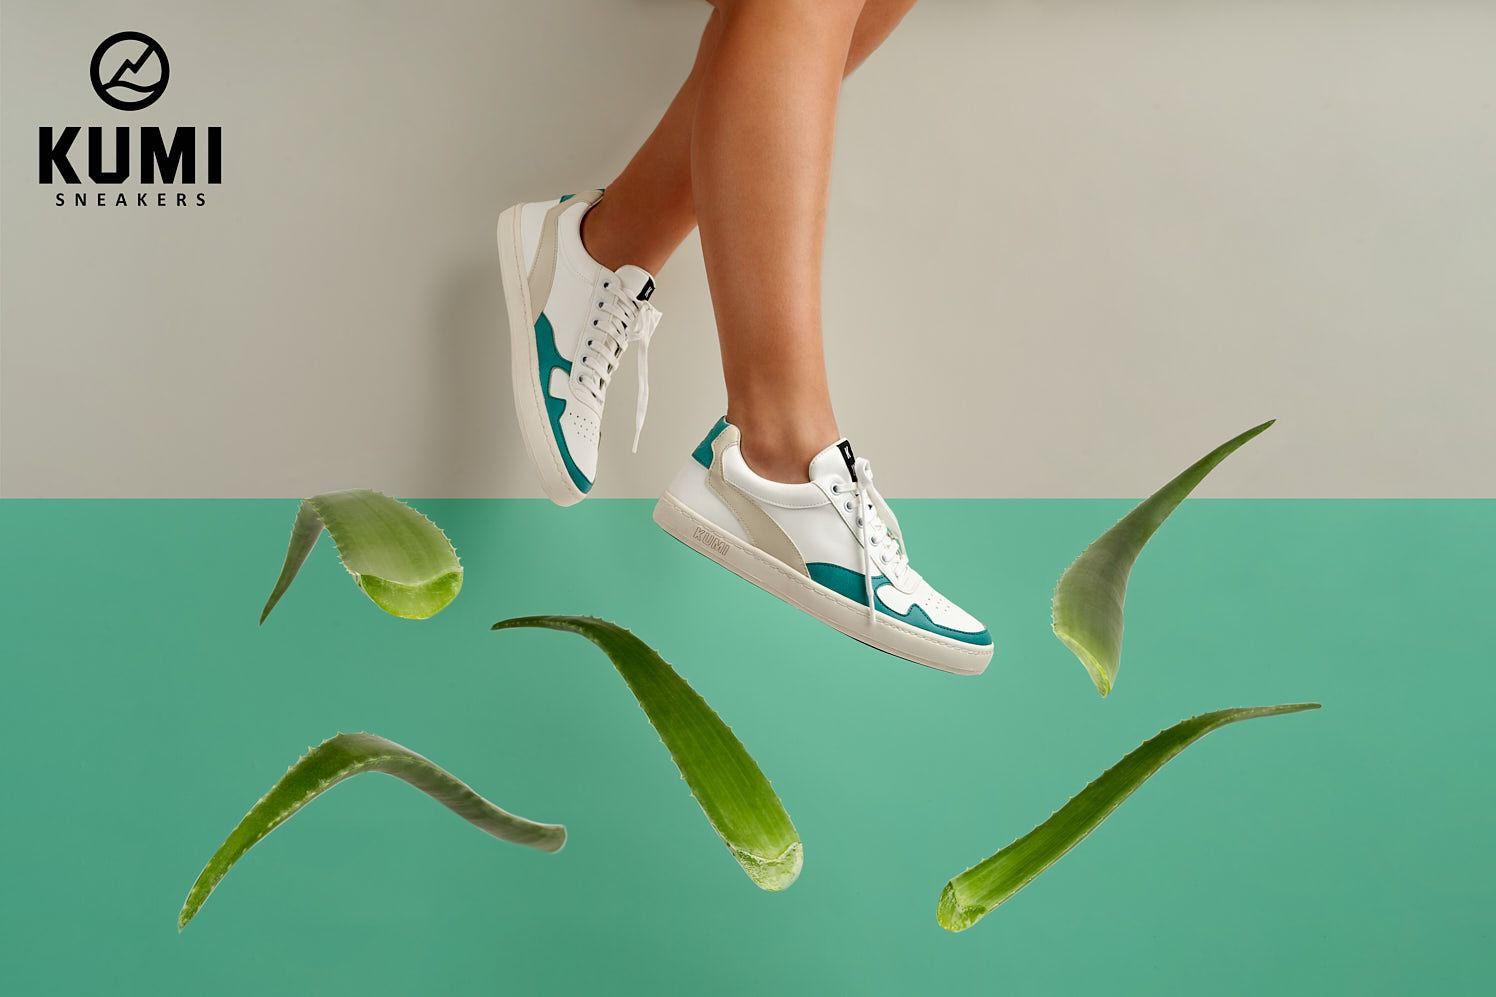 Descubriendo las zapatillas sostenibles y veganas Kumi Sneakers